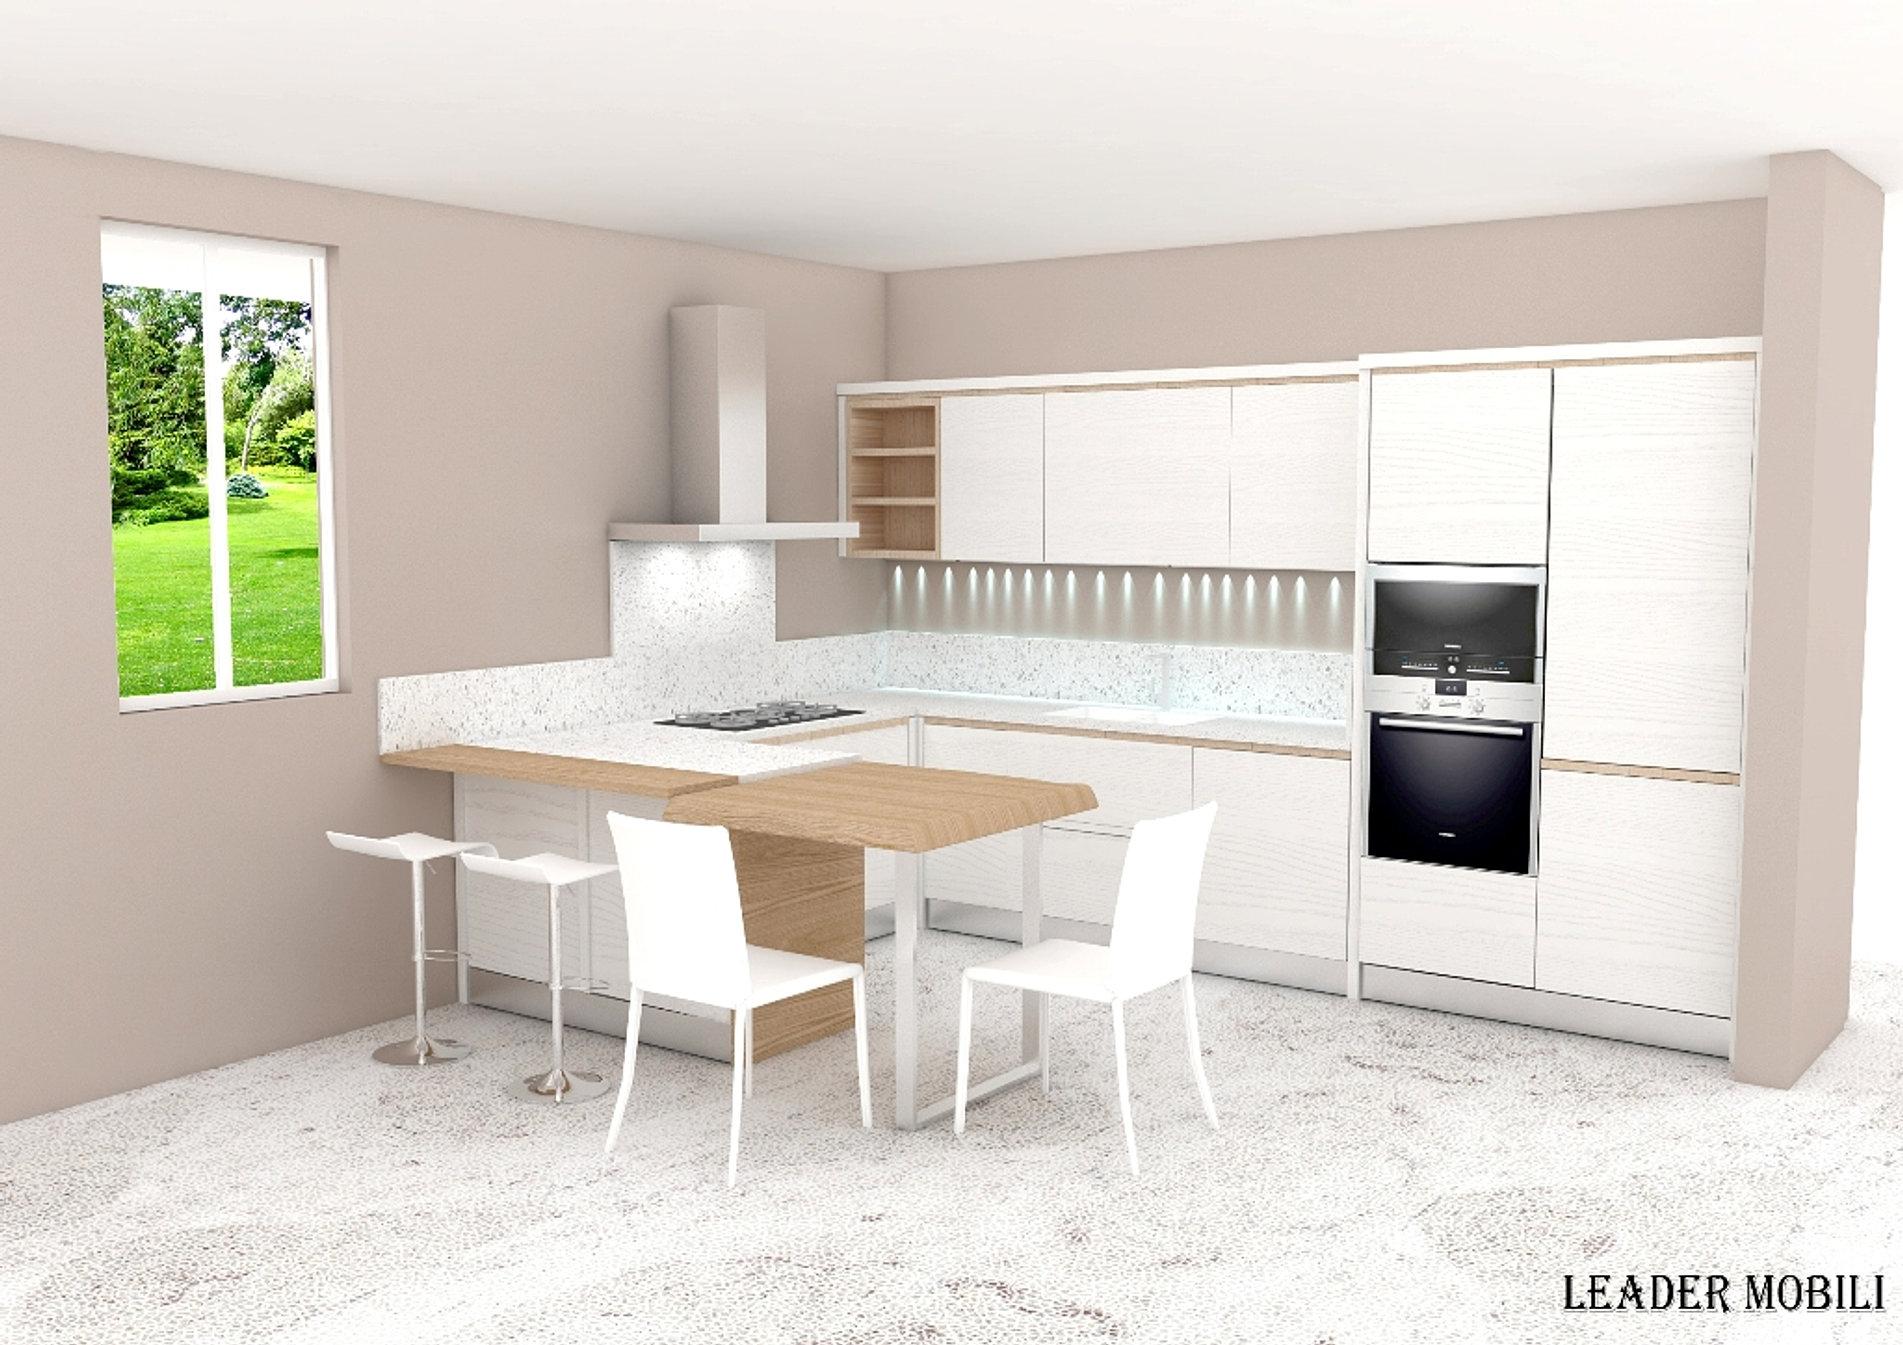 Le migliori immagini cucine con cappa a vista - Migliori conoscenze ...